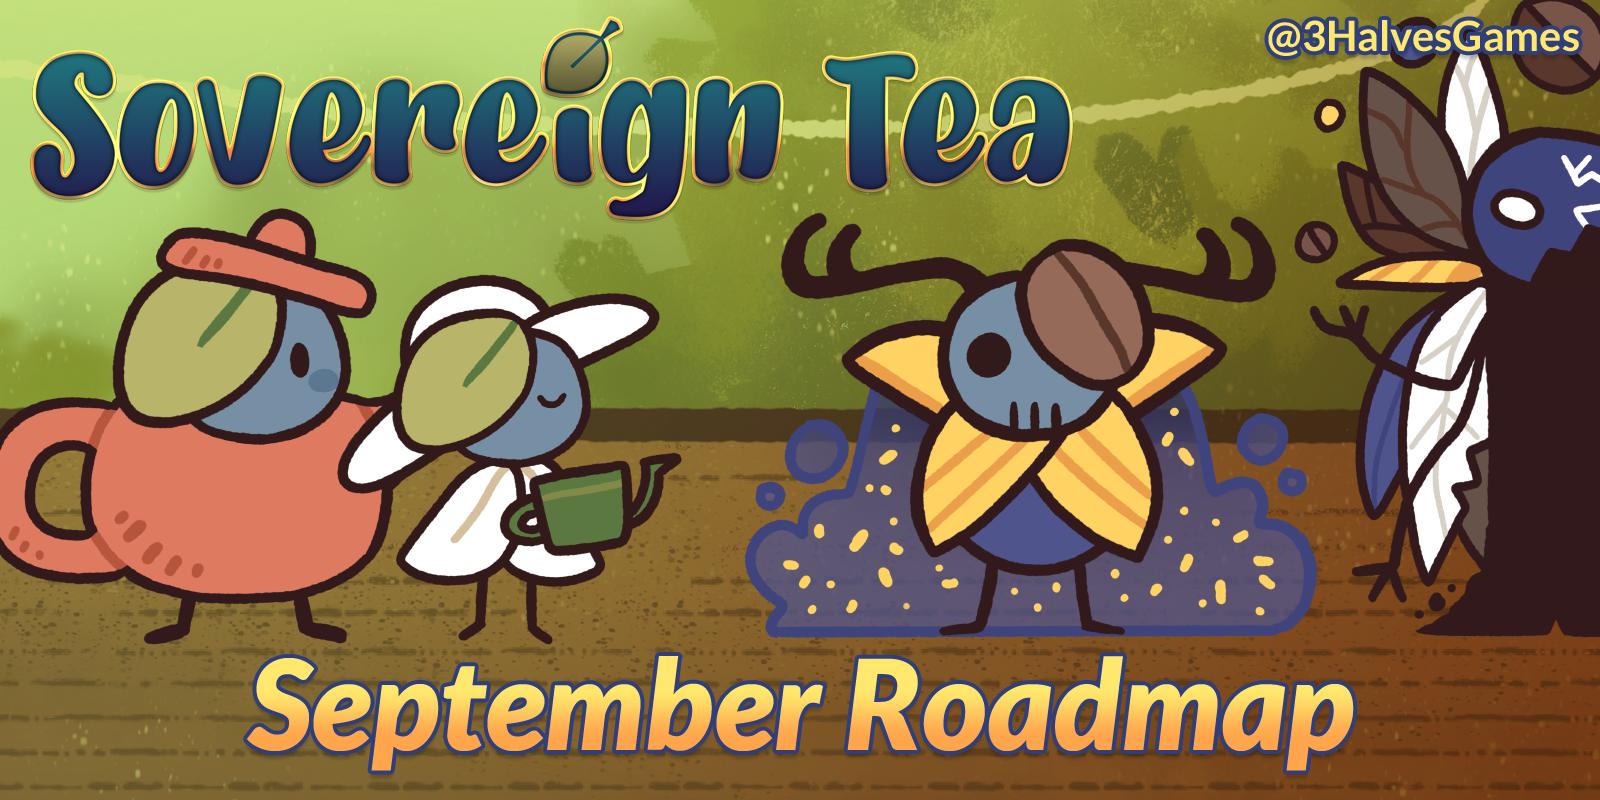 September Roadmap